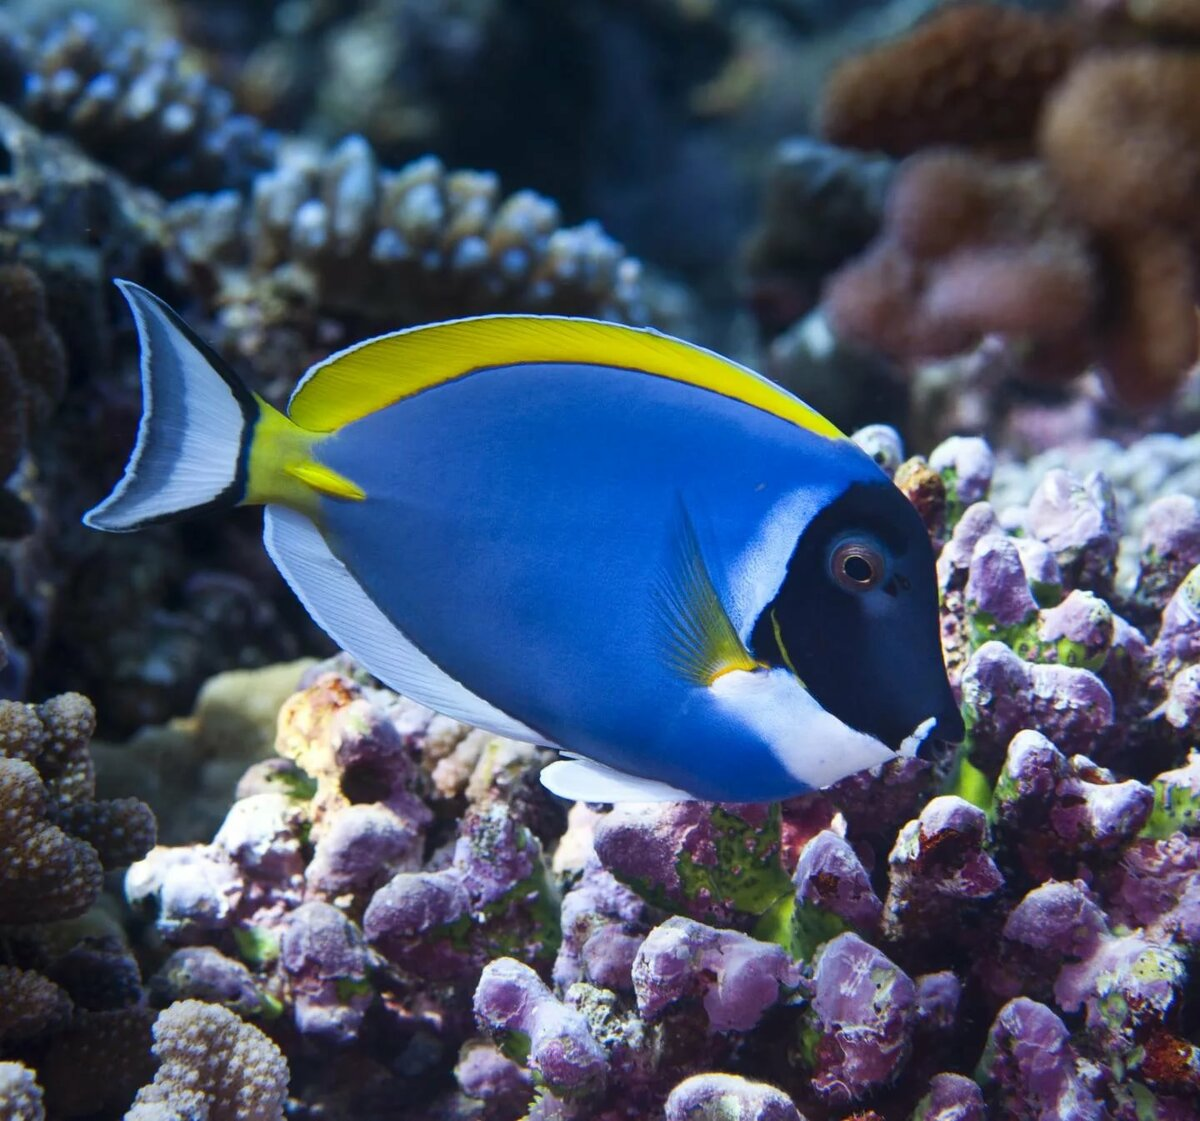 океаническая рыба названия и фото дискомфорт испытывают